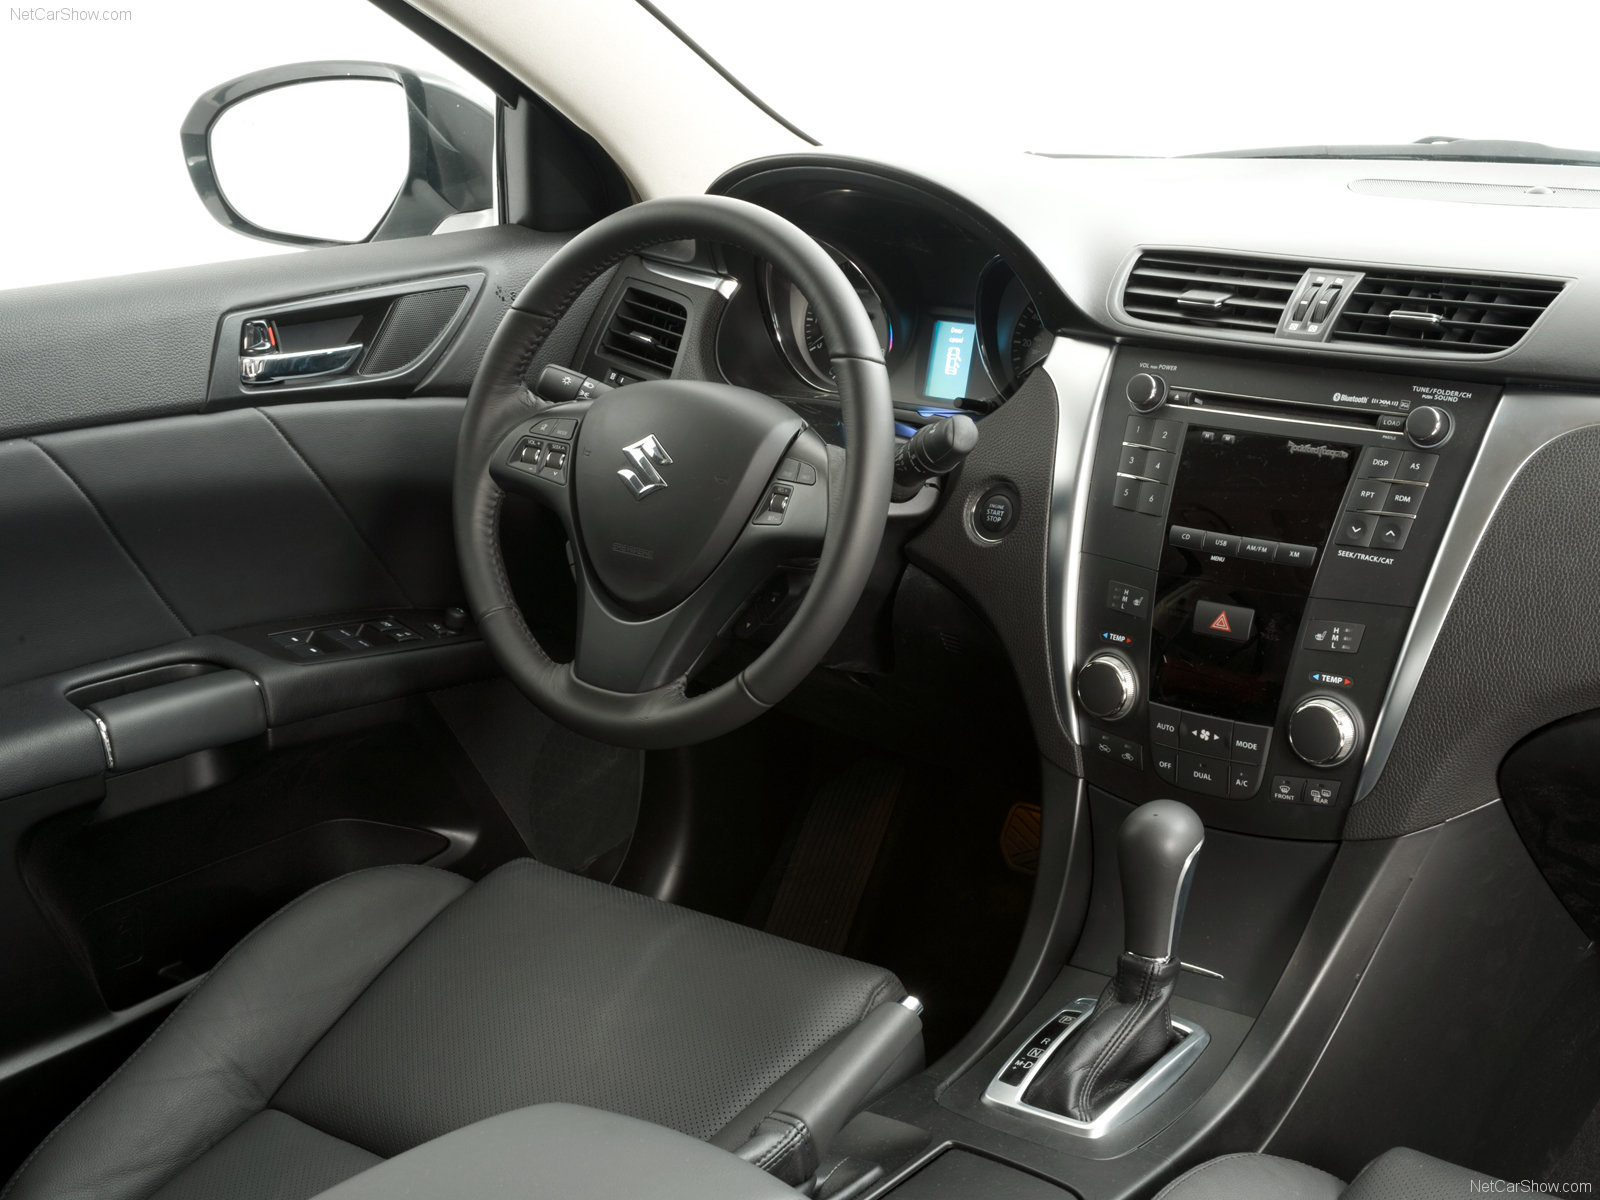 Hình ảnh xe ô tô Suzuki Kizashi 2010 & nội ngoại thất